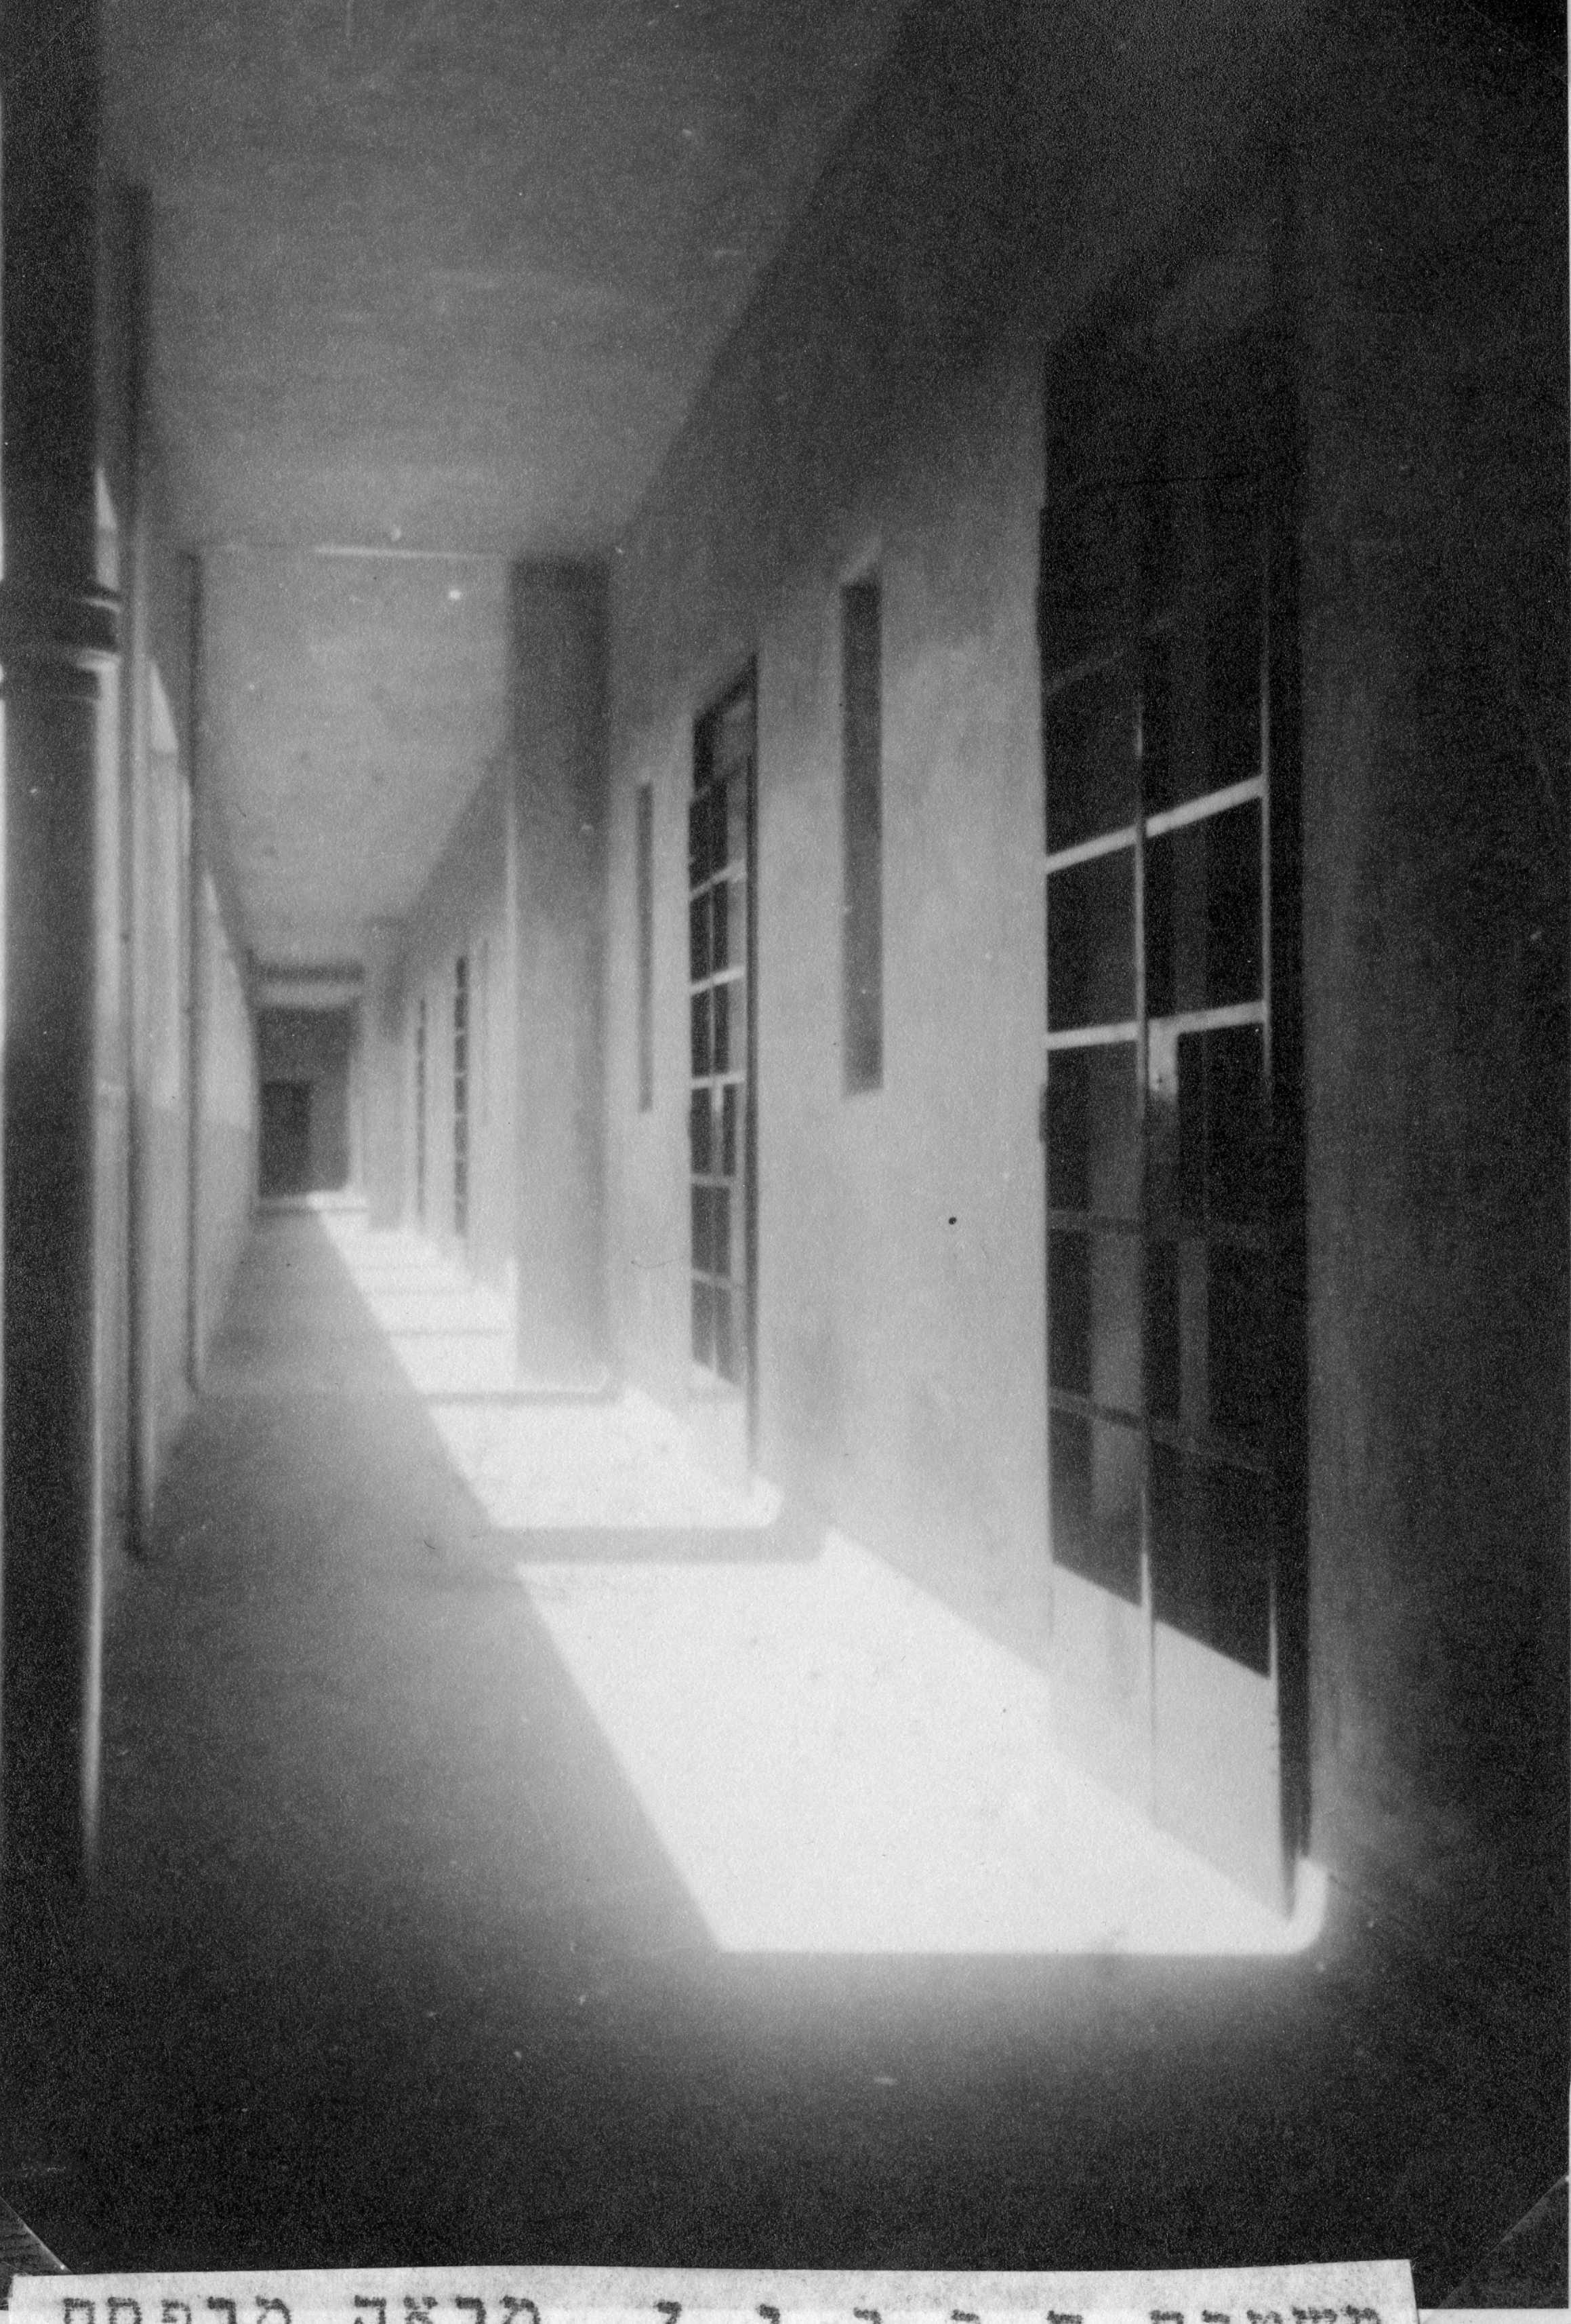 מרפסת הקומה העליונה - משטרת חברון - מקור: ארכיון המדינה